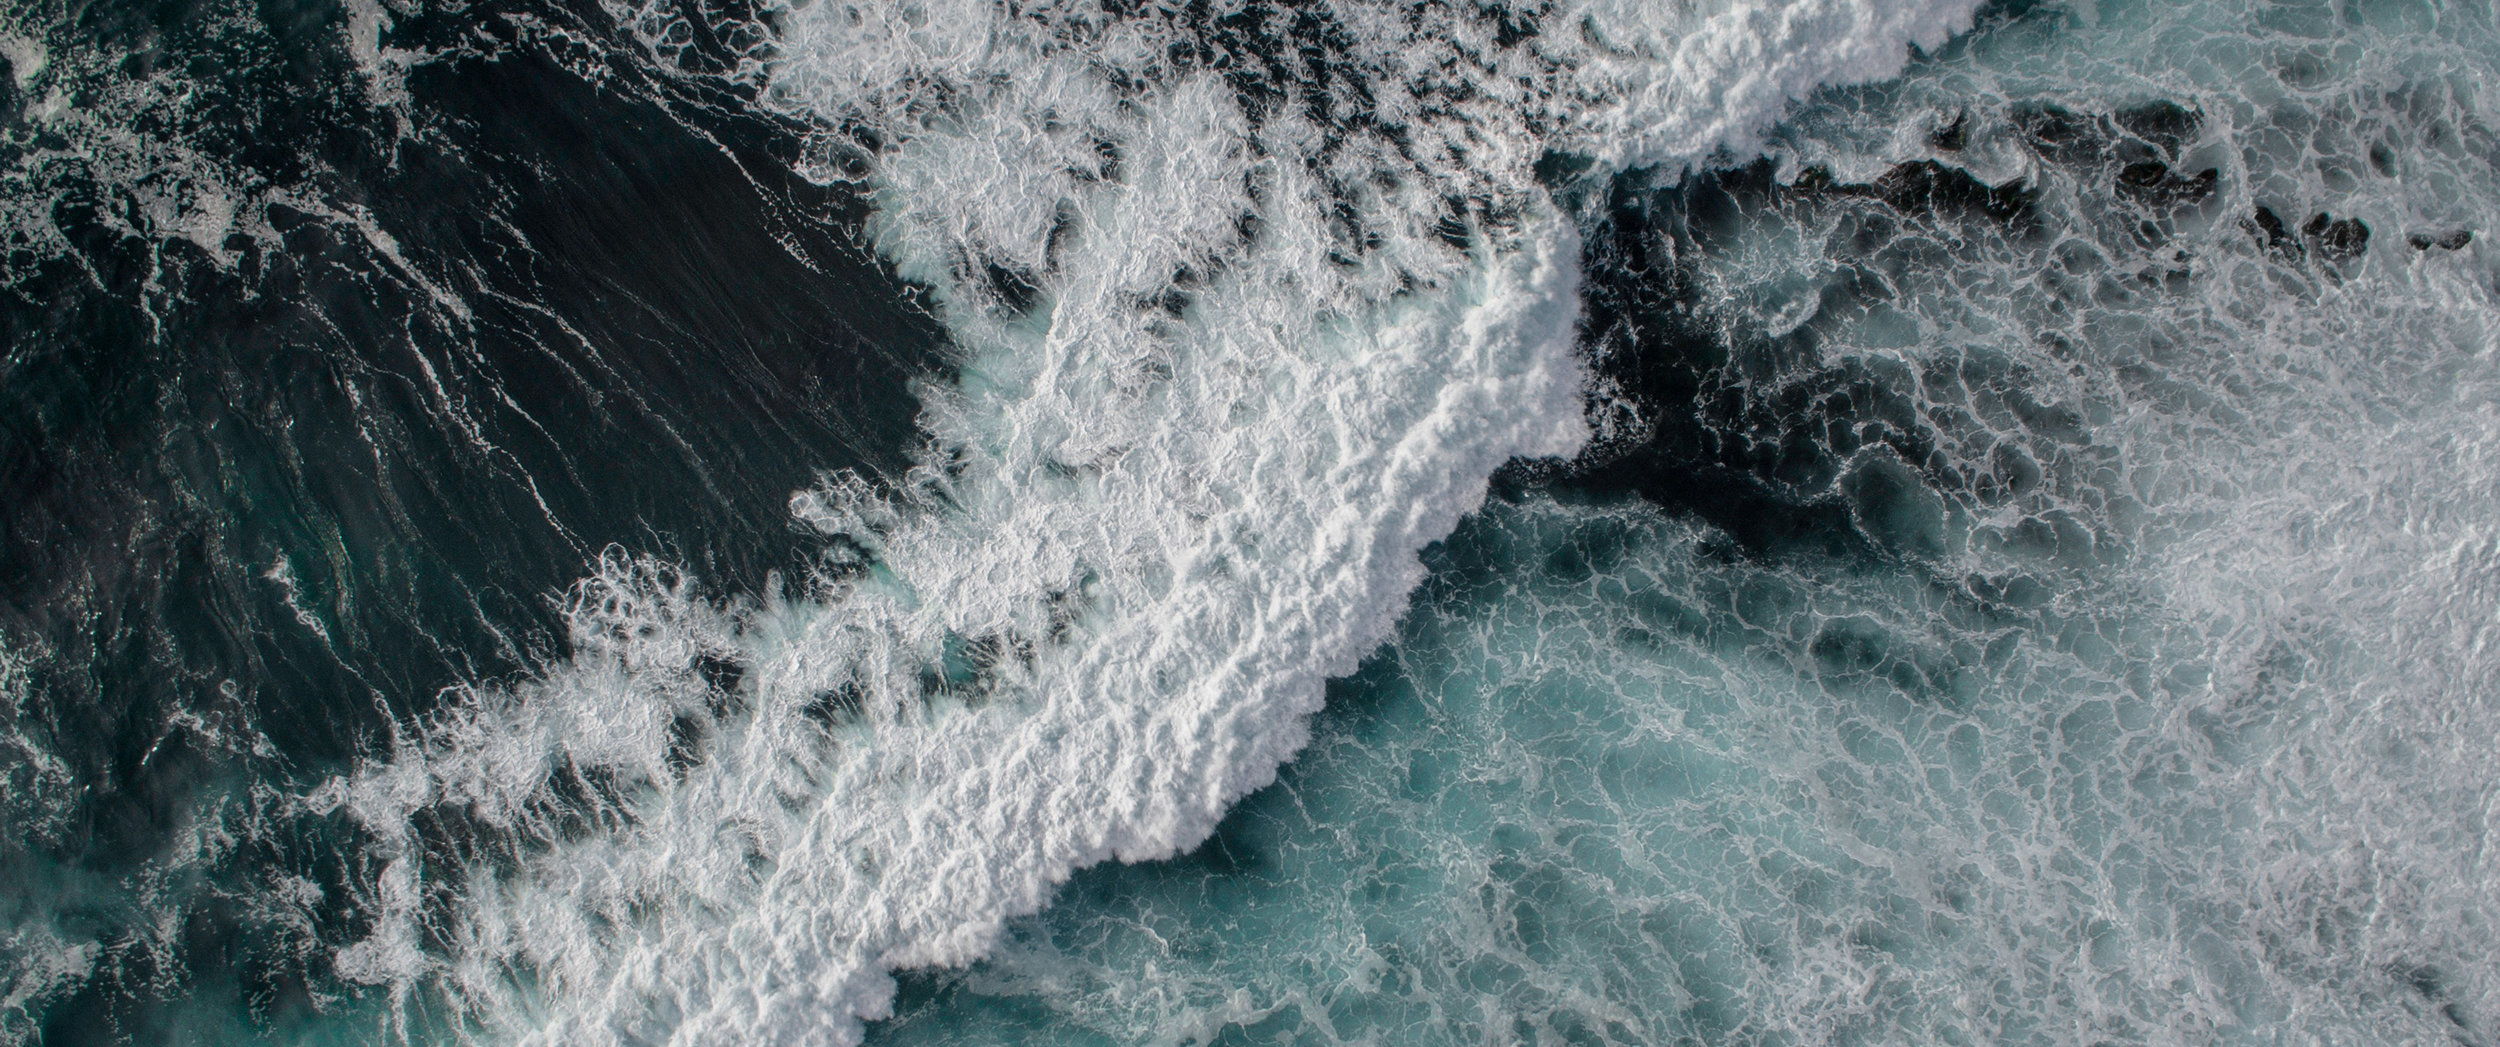 ocean-waves-from-drone-3440x1440-size-wallpaper-772671.jpg